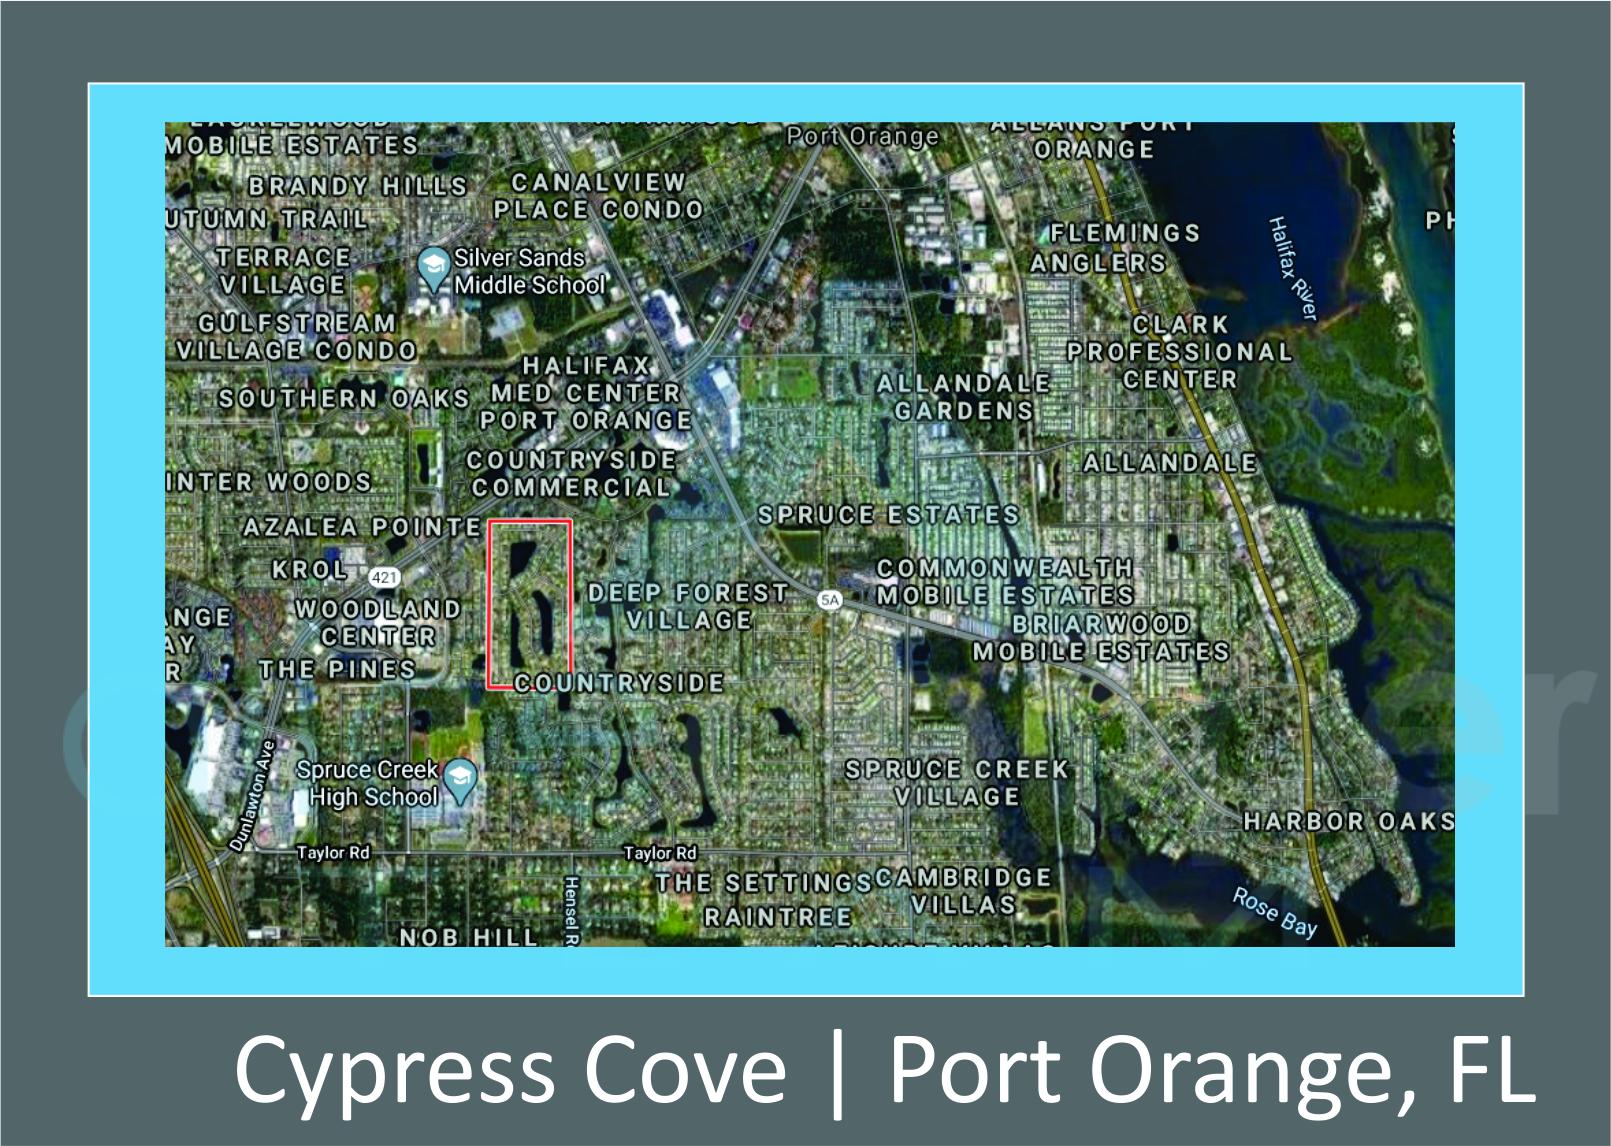 Map of Cypress Cove Port Orange FL